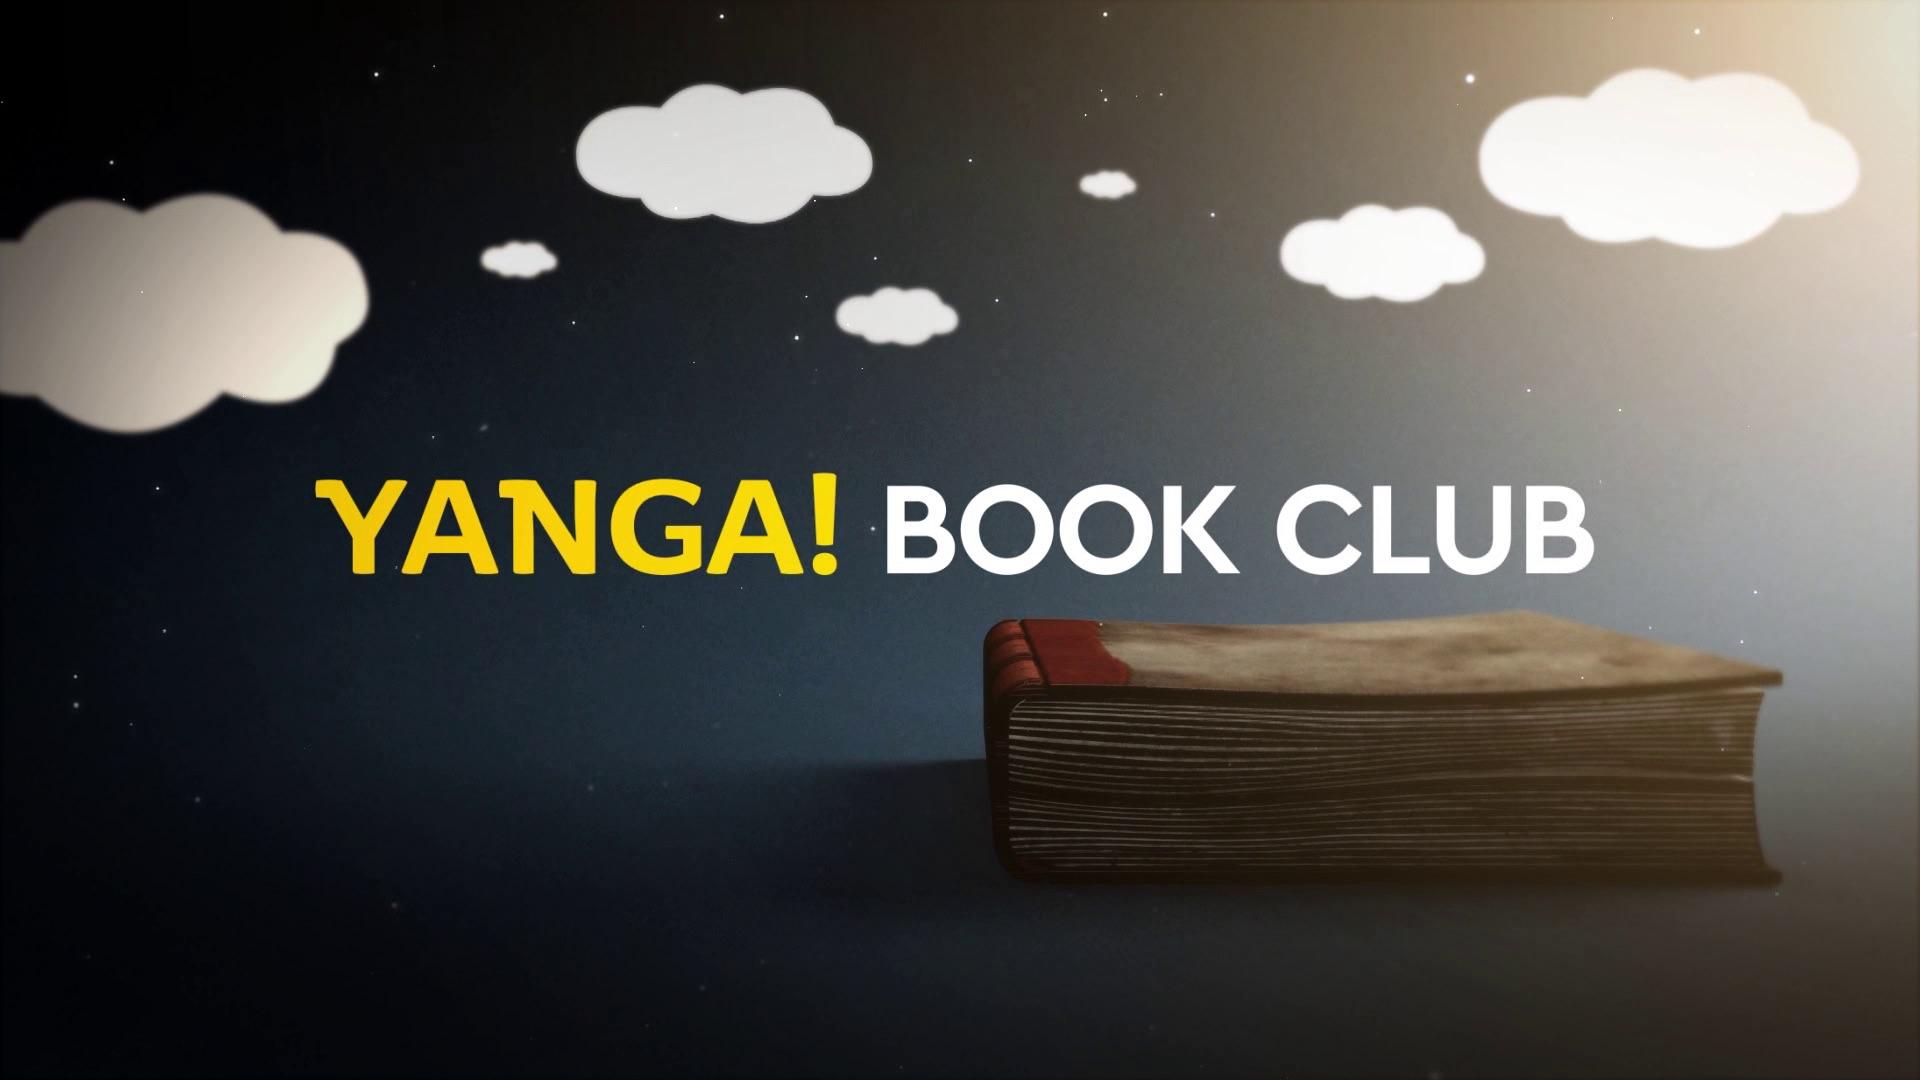 YANGA! Book Club!